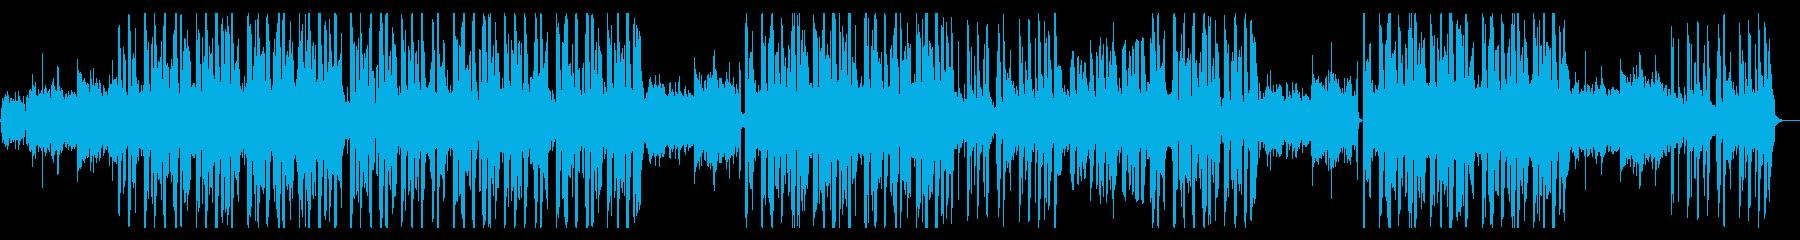 ピアノ,おしゃれ切ないエモHIP HOPの再生済みの波形